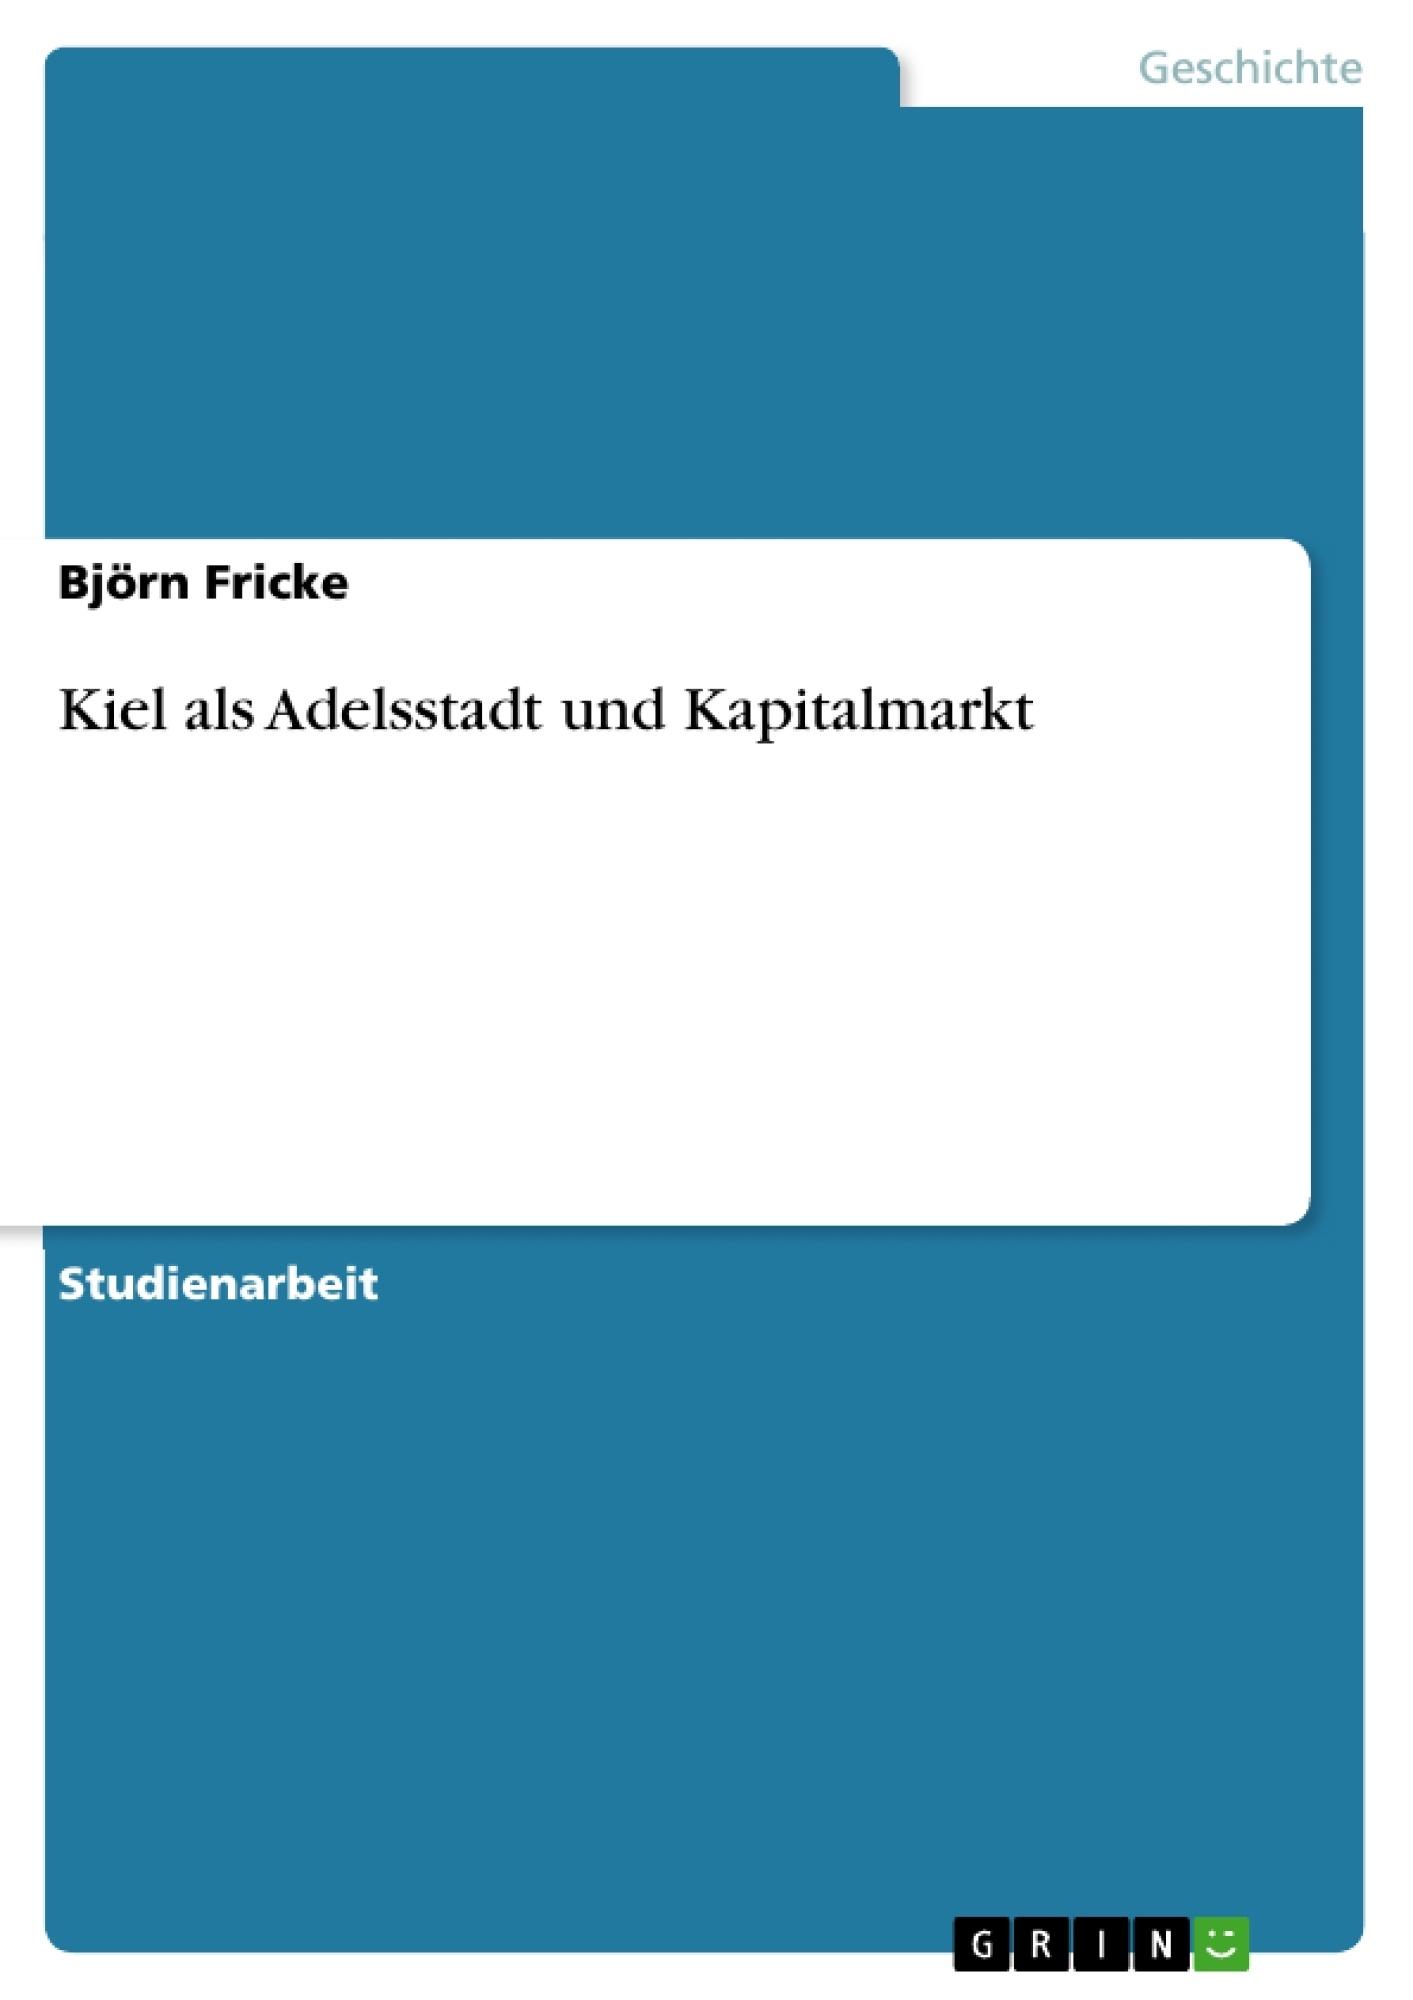 Titel: Kiel als Adelsstadt und Kapitalmarkt